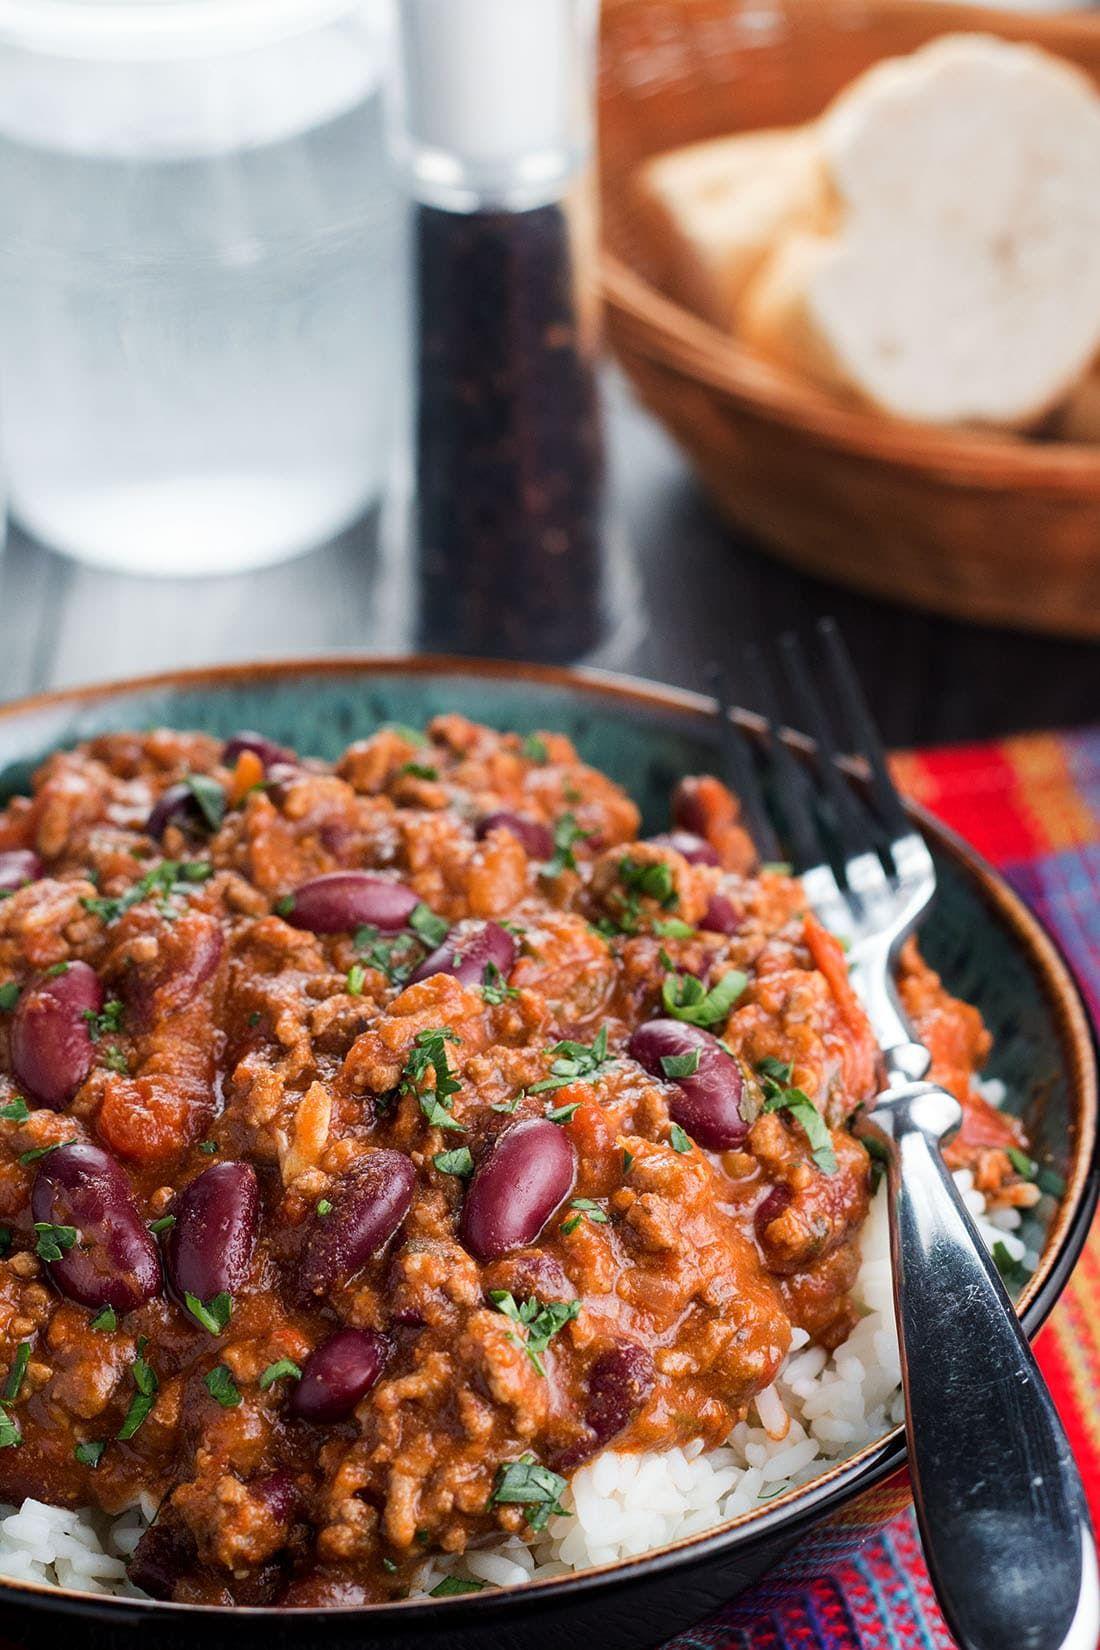 Classic Chili Con Carne Recipe Con Carne Recipe Chili Con Carne Recipe Chilli Con Carne Recipe